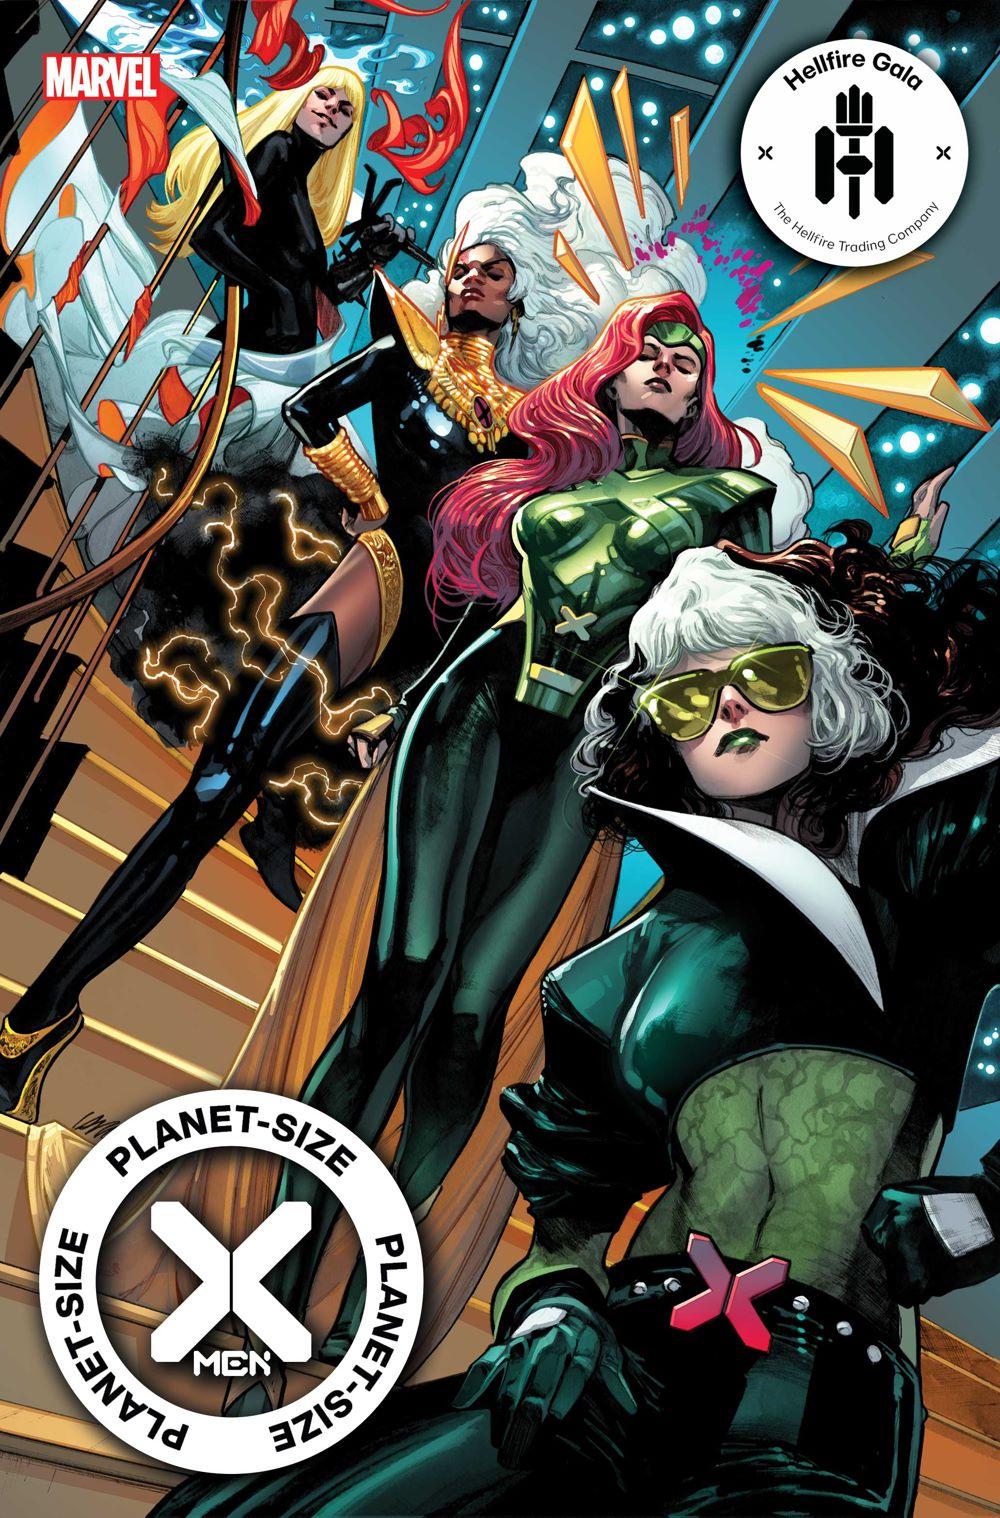 PSXMEN2021001_Larraz_var Marvel Comics June 2021 Solicitations